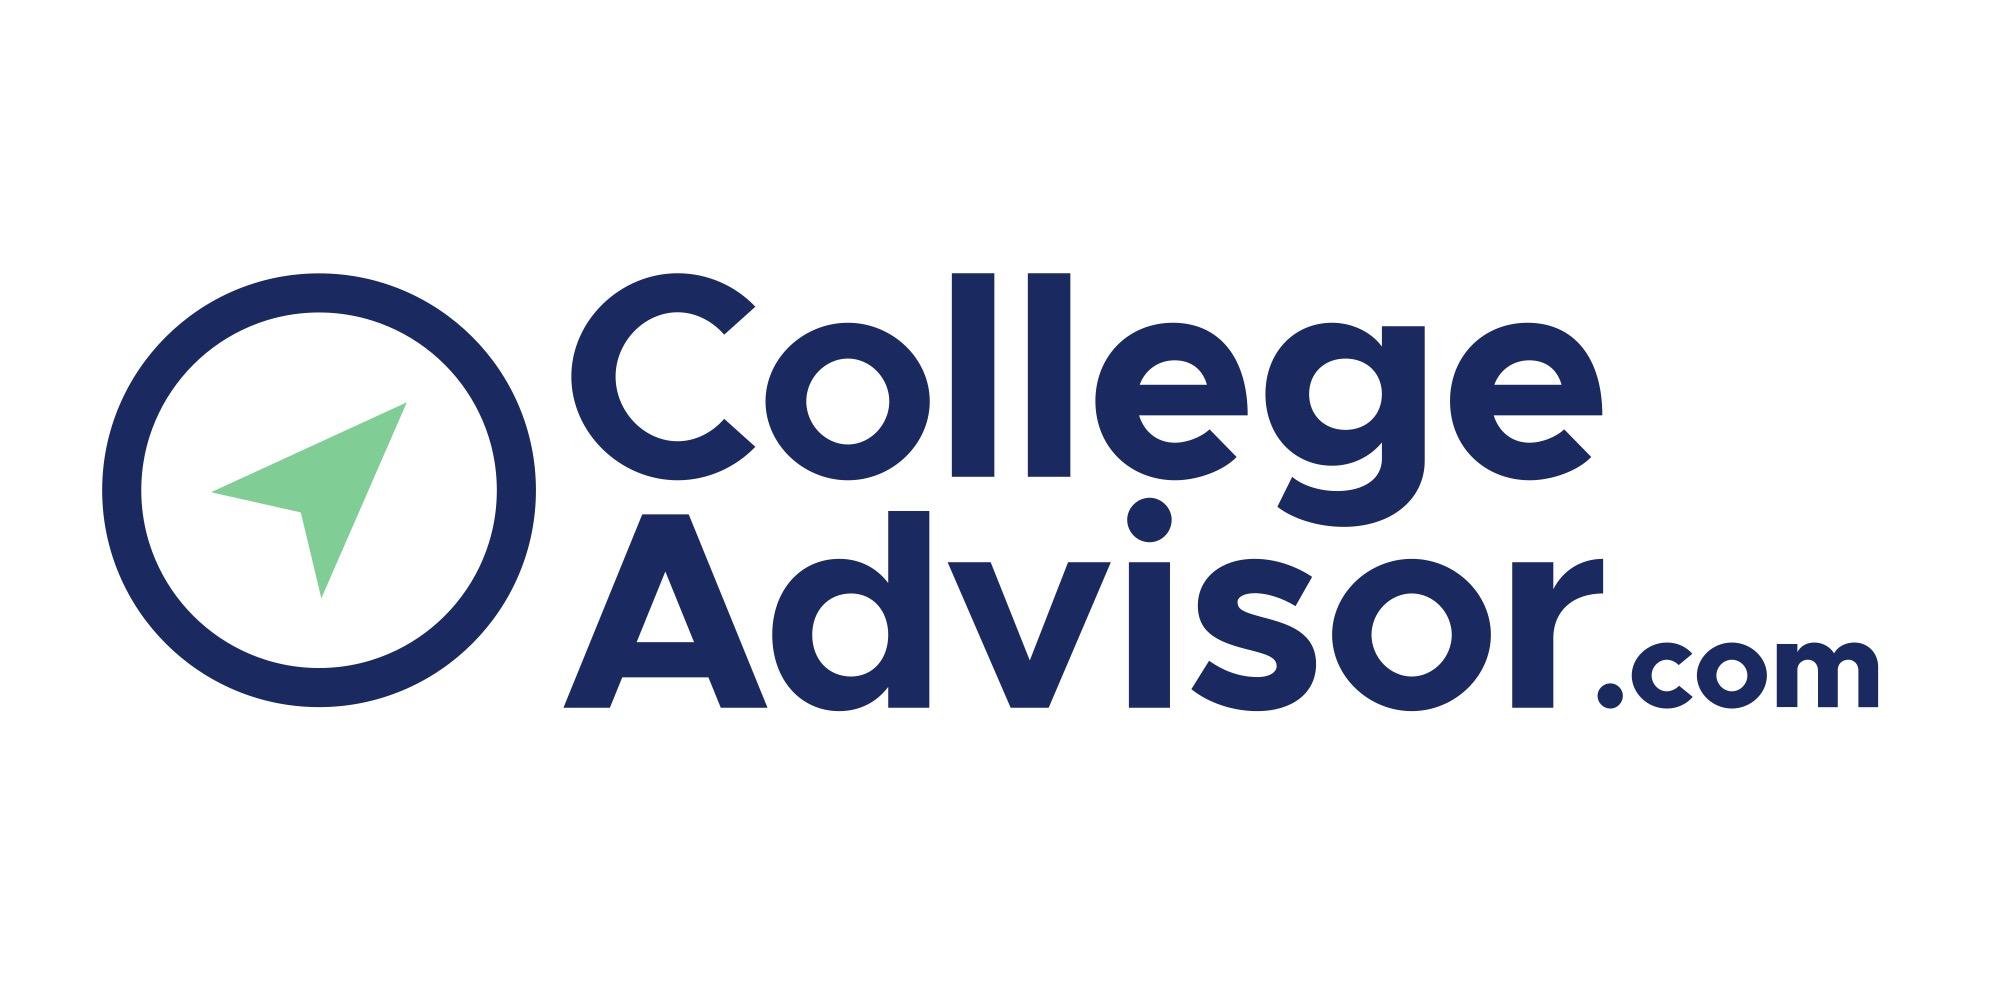 CollegeAdvisor.com